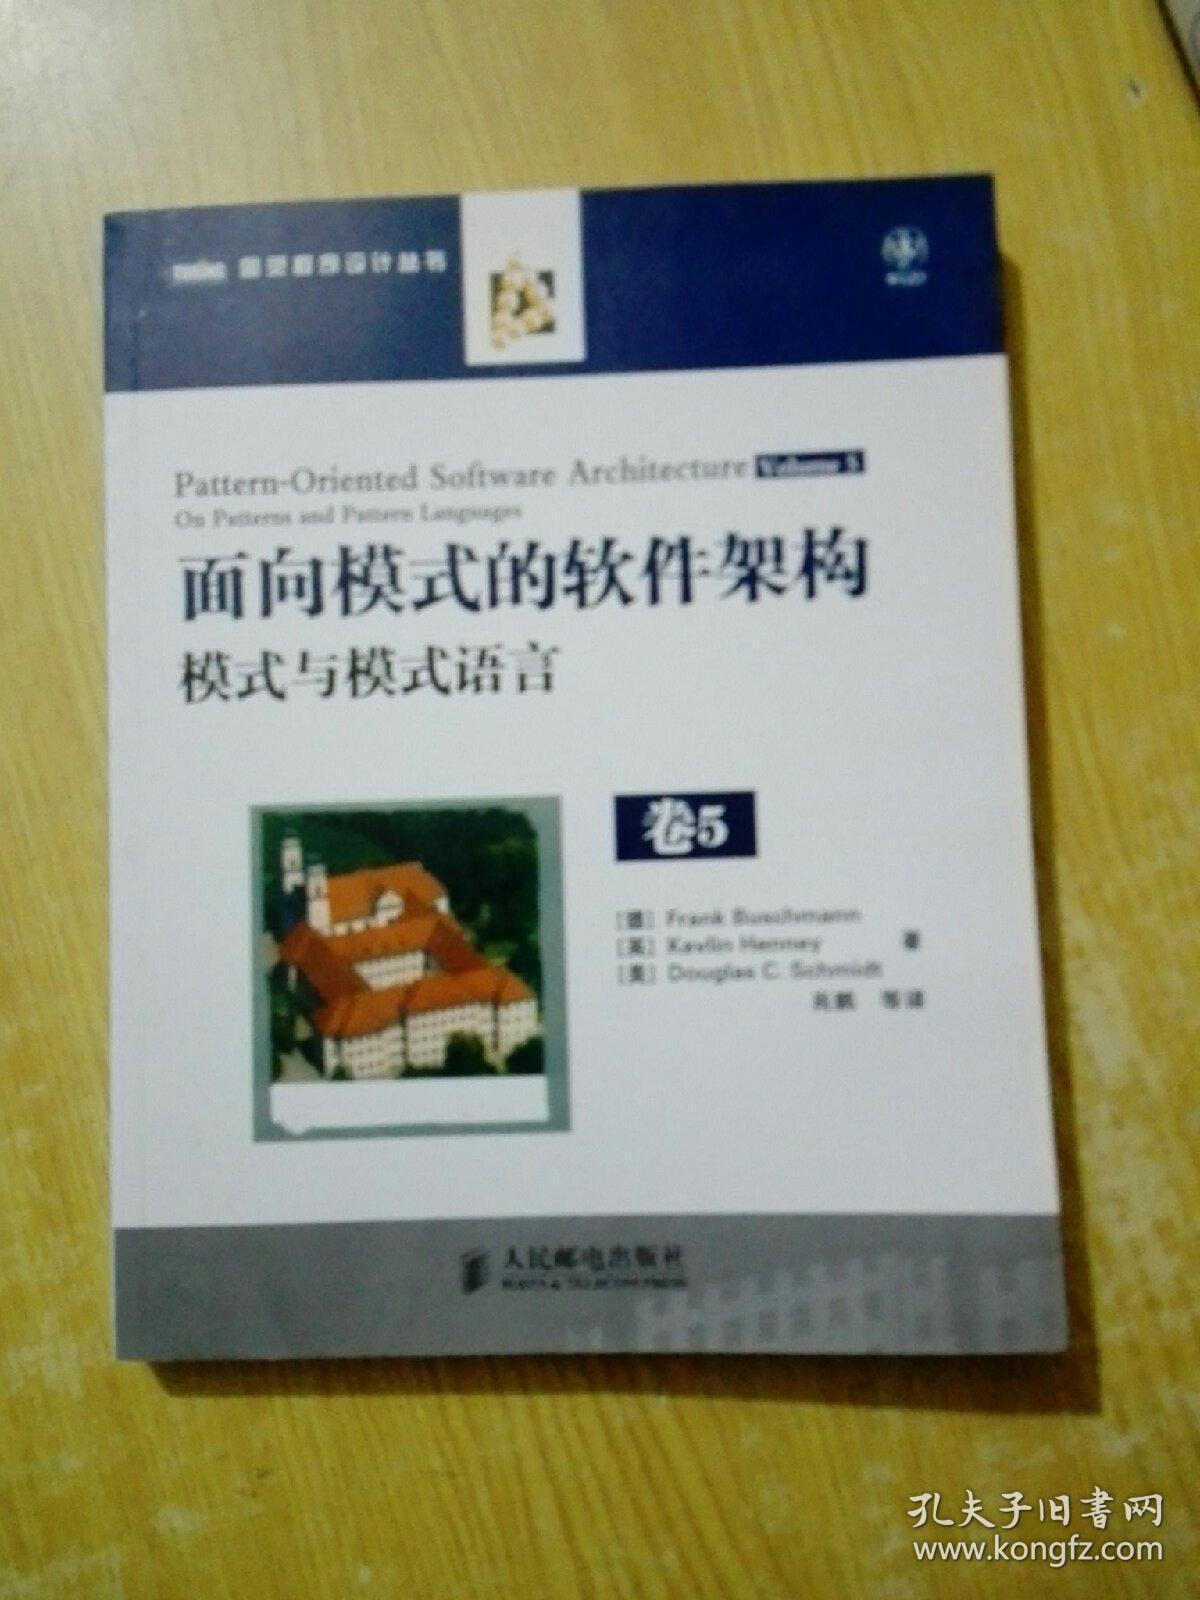 面向模式的软件架构 卷5